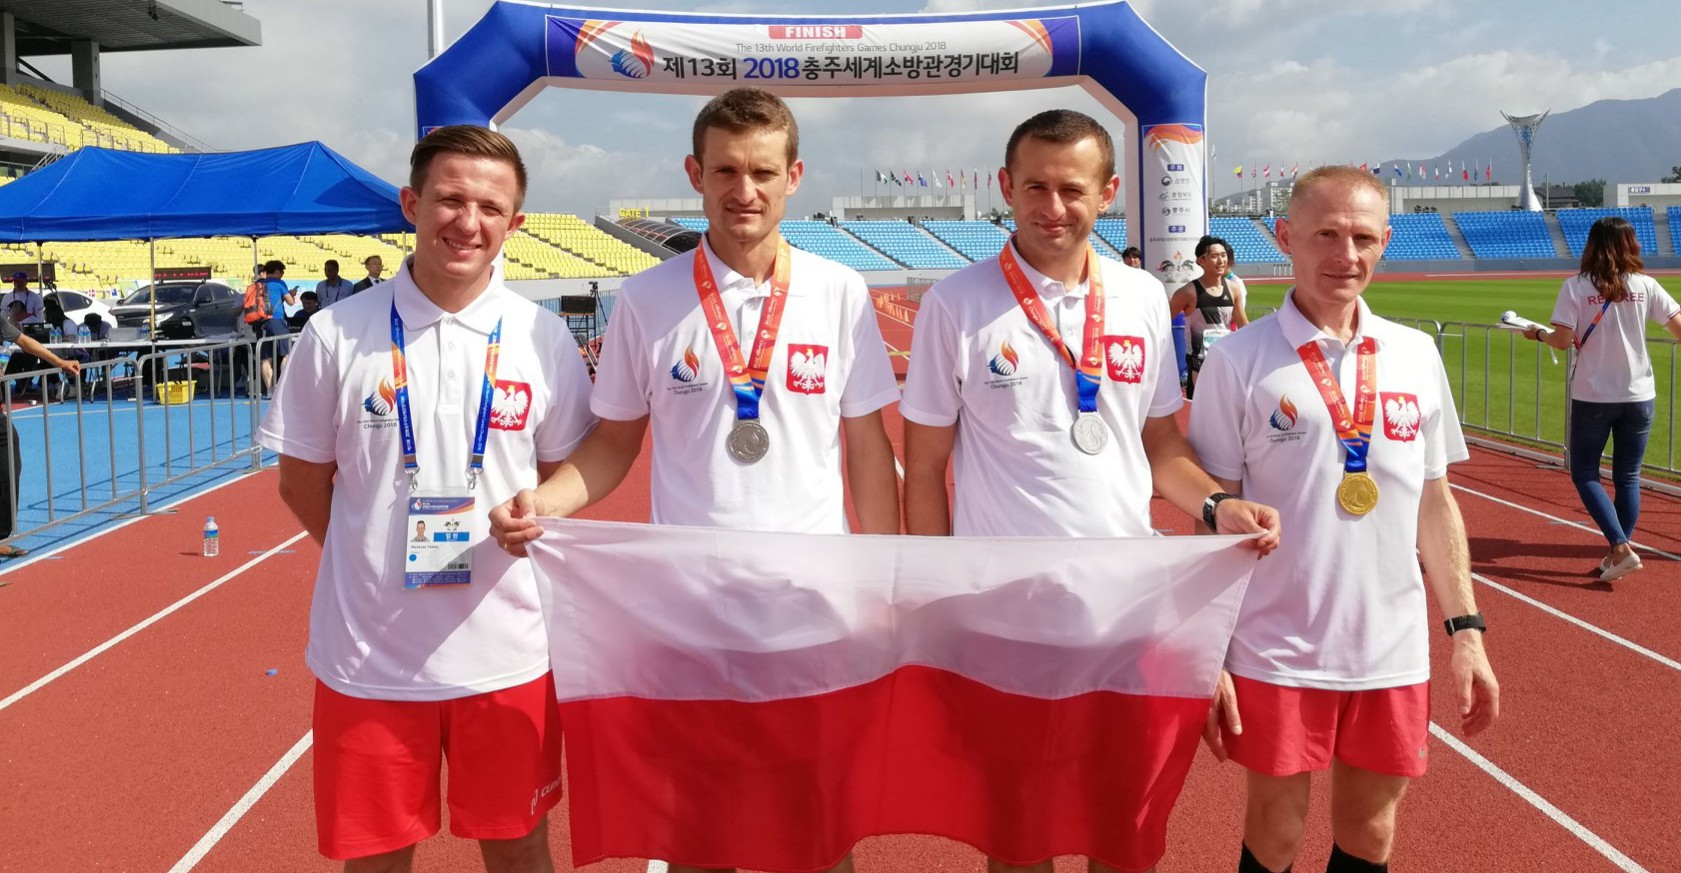 Sukcesy strażaków z Podkarpacia na Mistrzostwach Świata